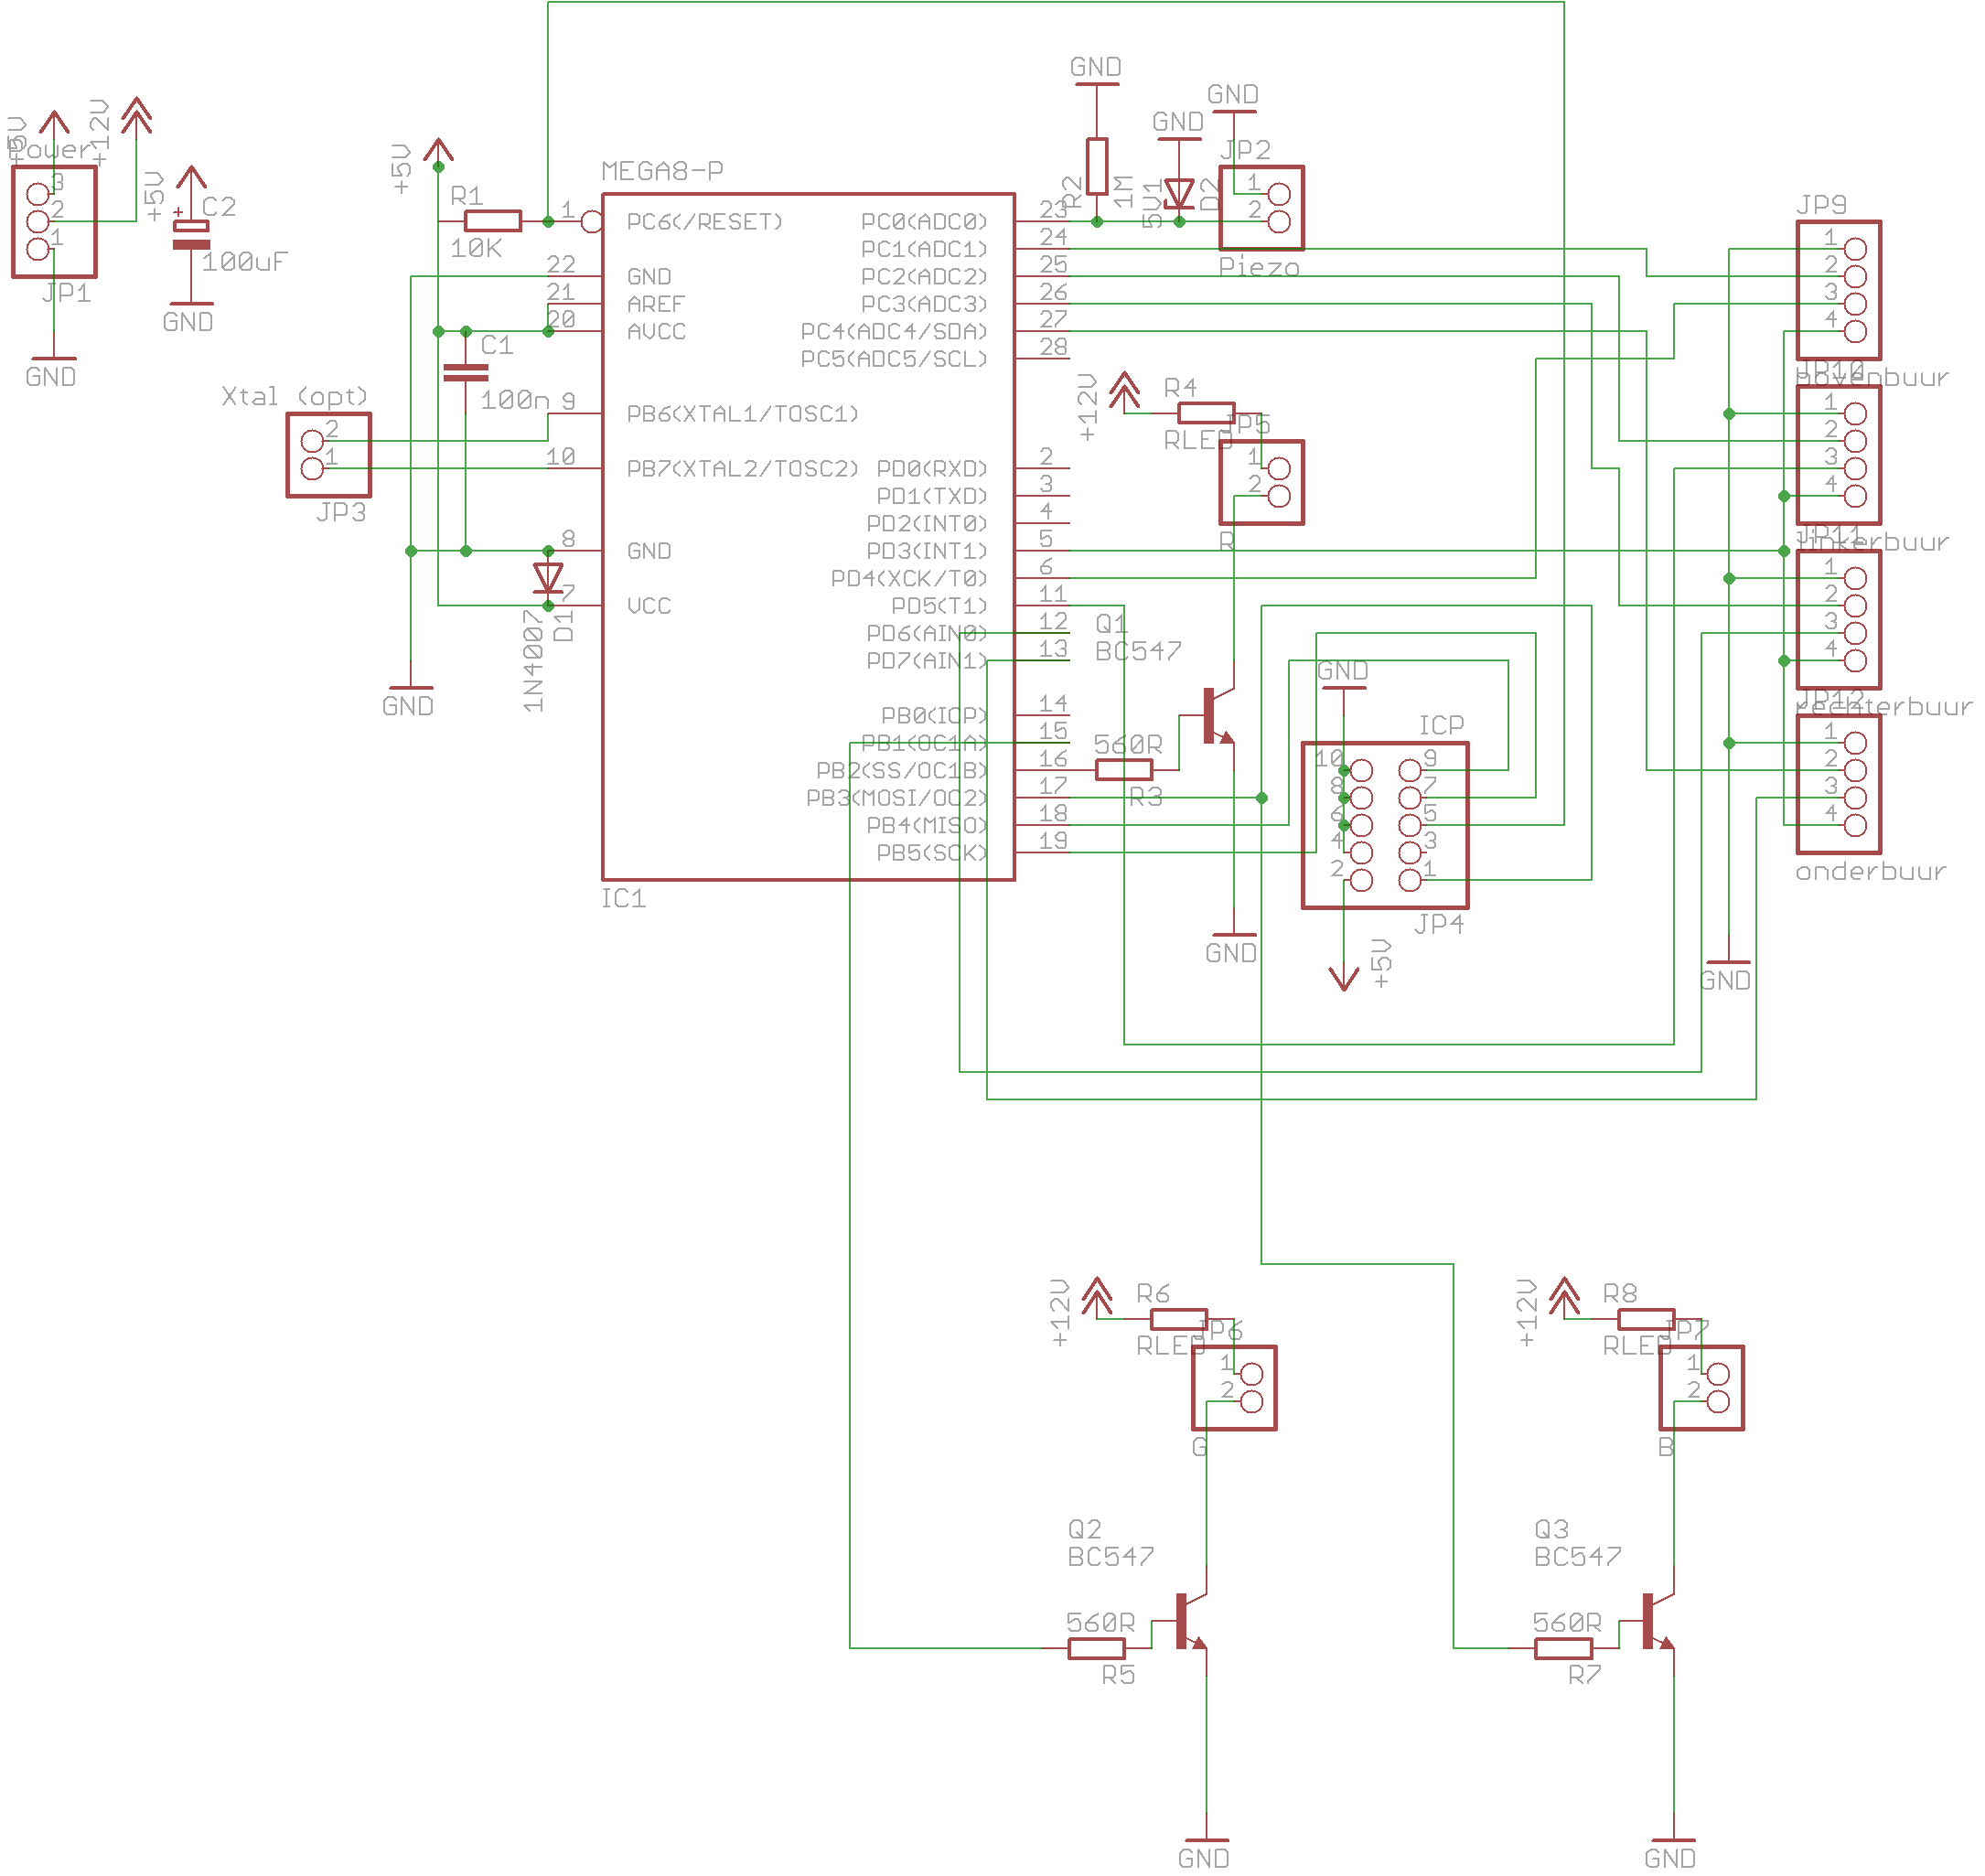 Verlichtingsschakeling Voor Kunstwerk Forum Circuits Online Led Circuit Calculator Http Wwwcircuitsonlinenet Download 48 Uploadarchiefnet Files Schema Atm8 Improved